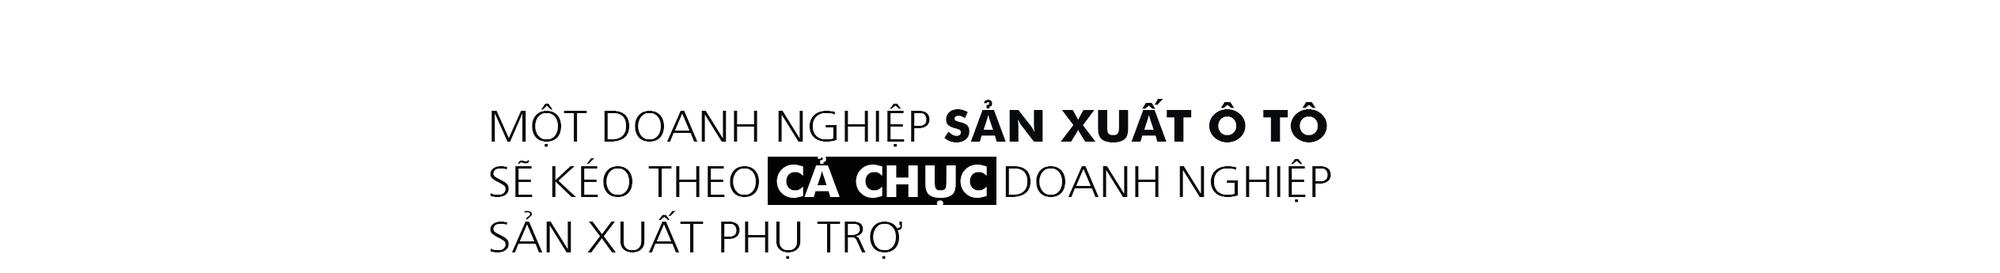 [eMagazine] Câu chuyện VinFast - Kỳ tích ngành ô tô Việt  - Ảnh 11.